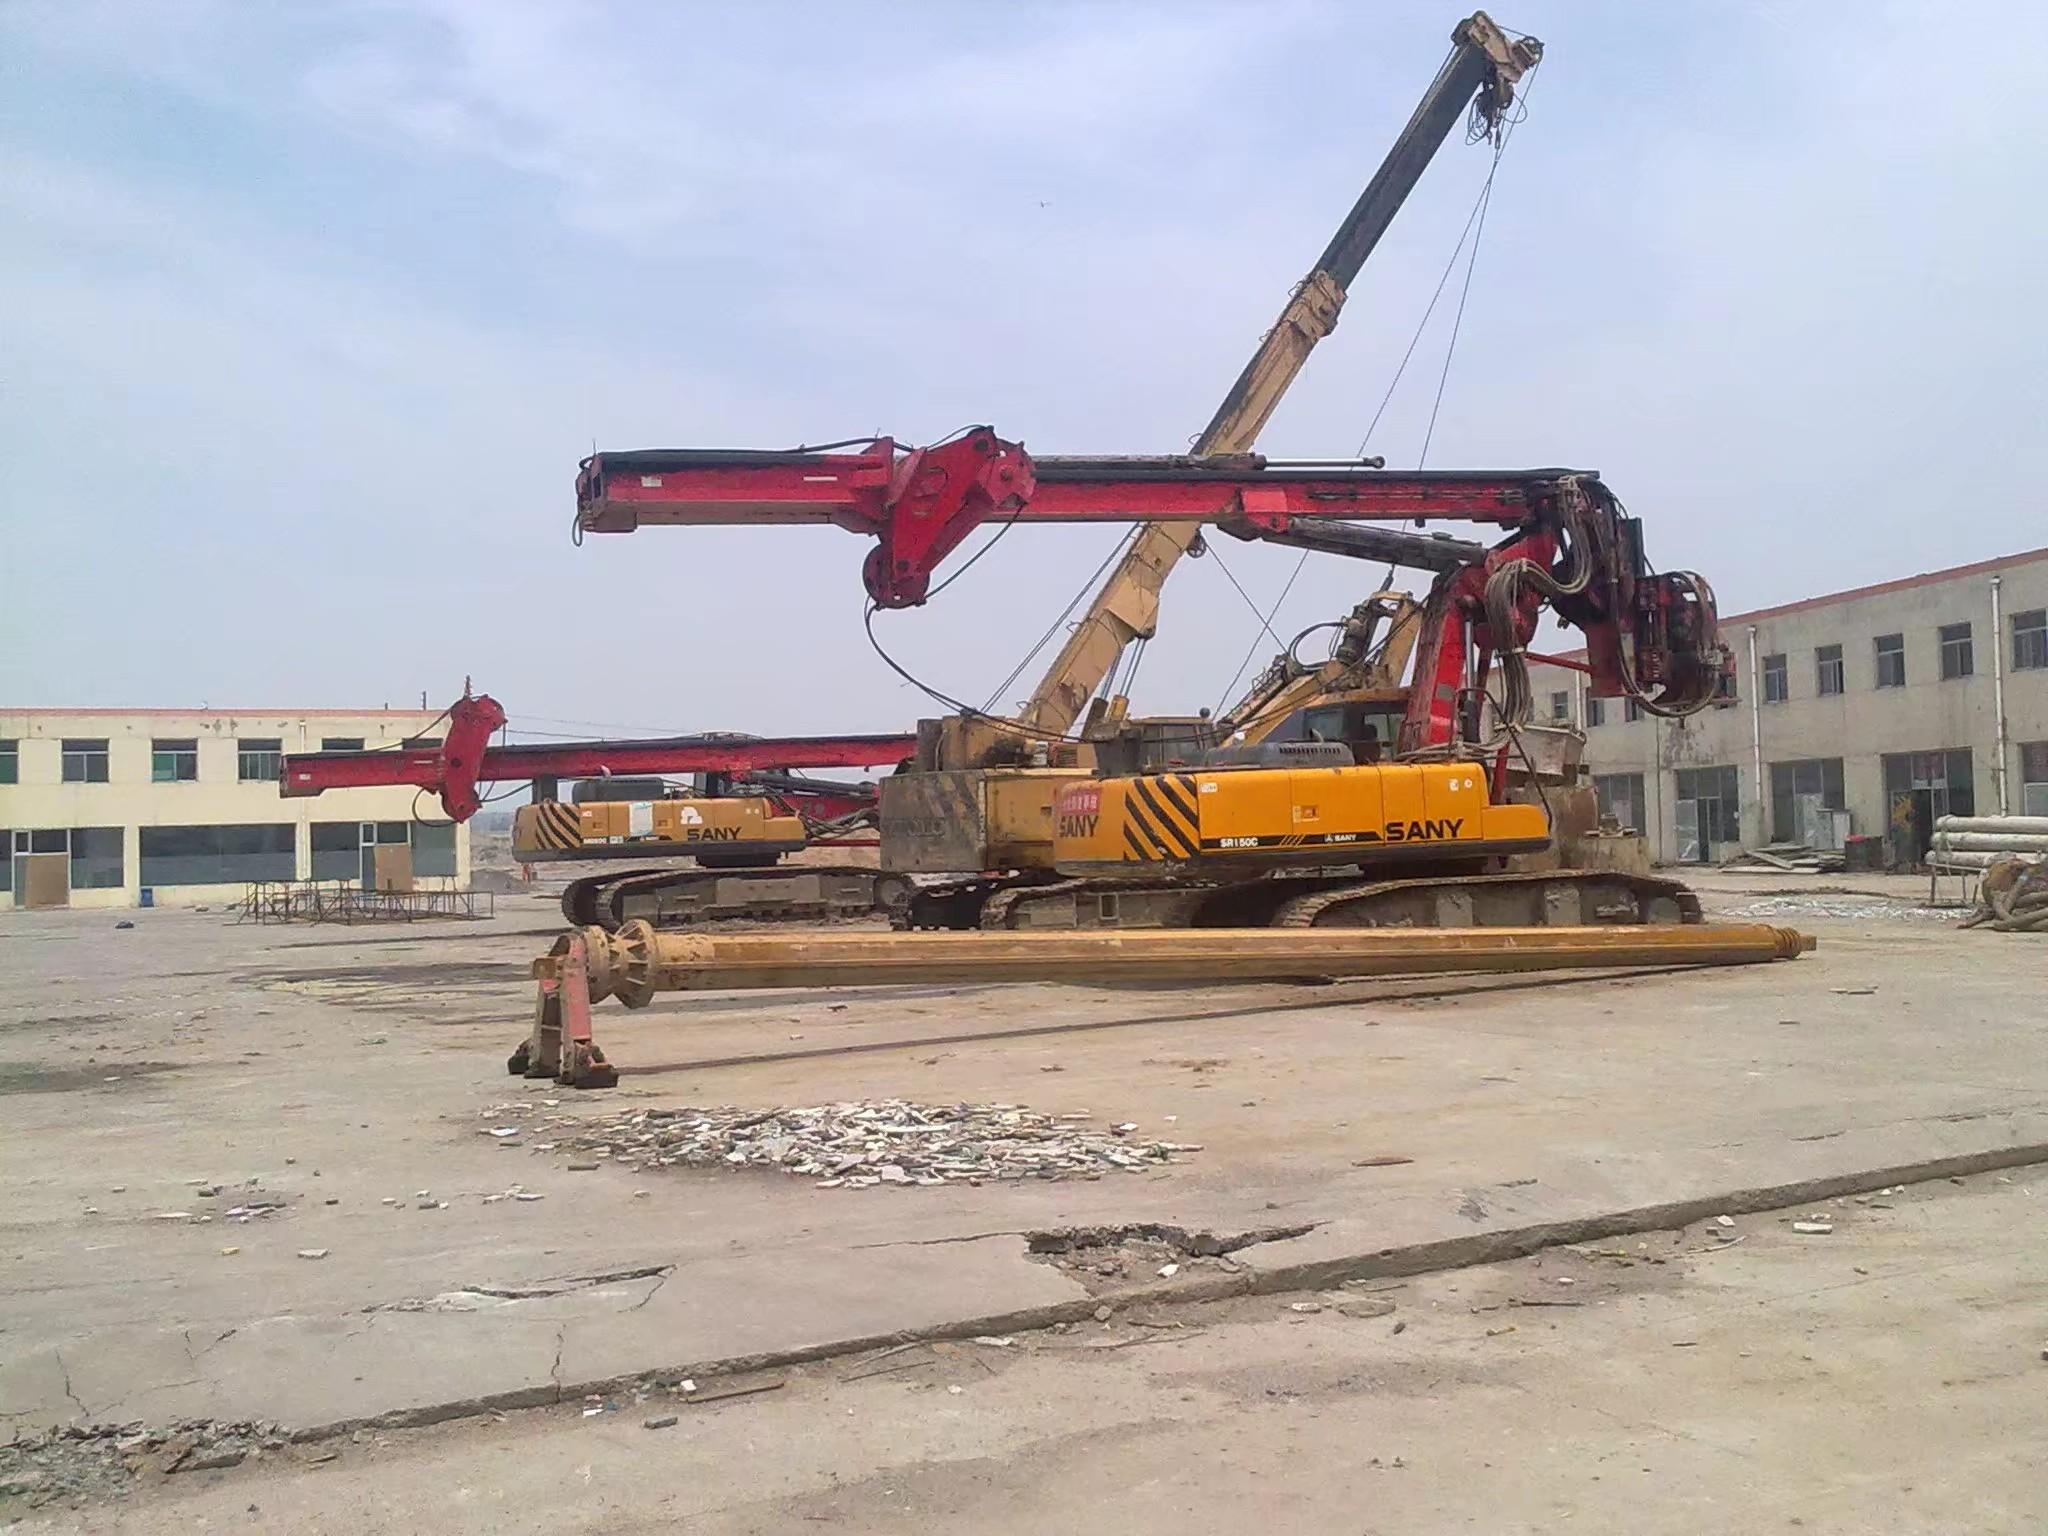 【三一国产力量】工地上的三一旋挖钻和吊车